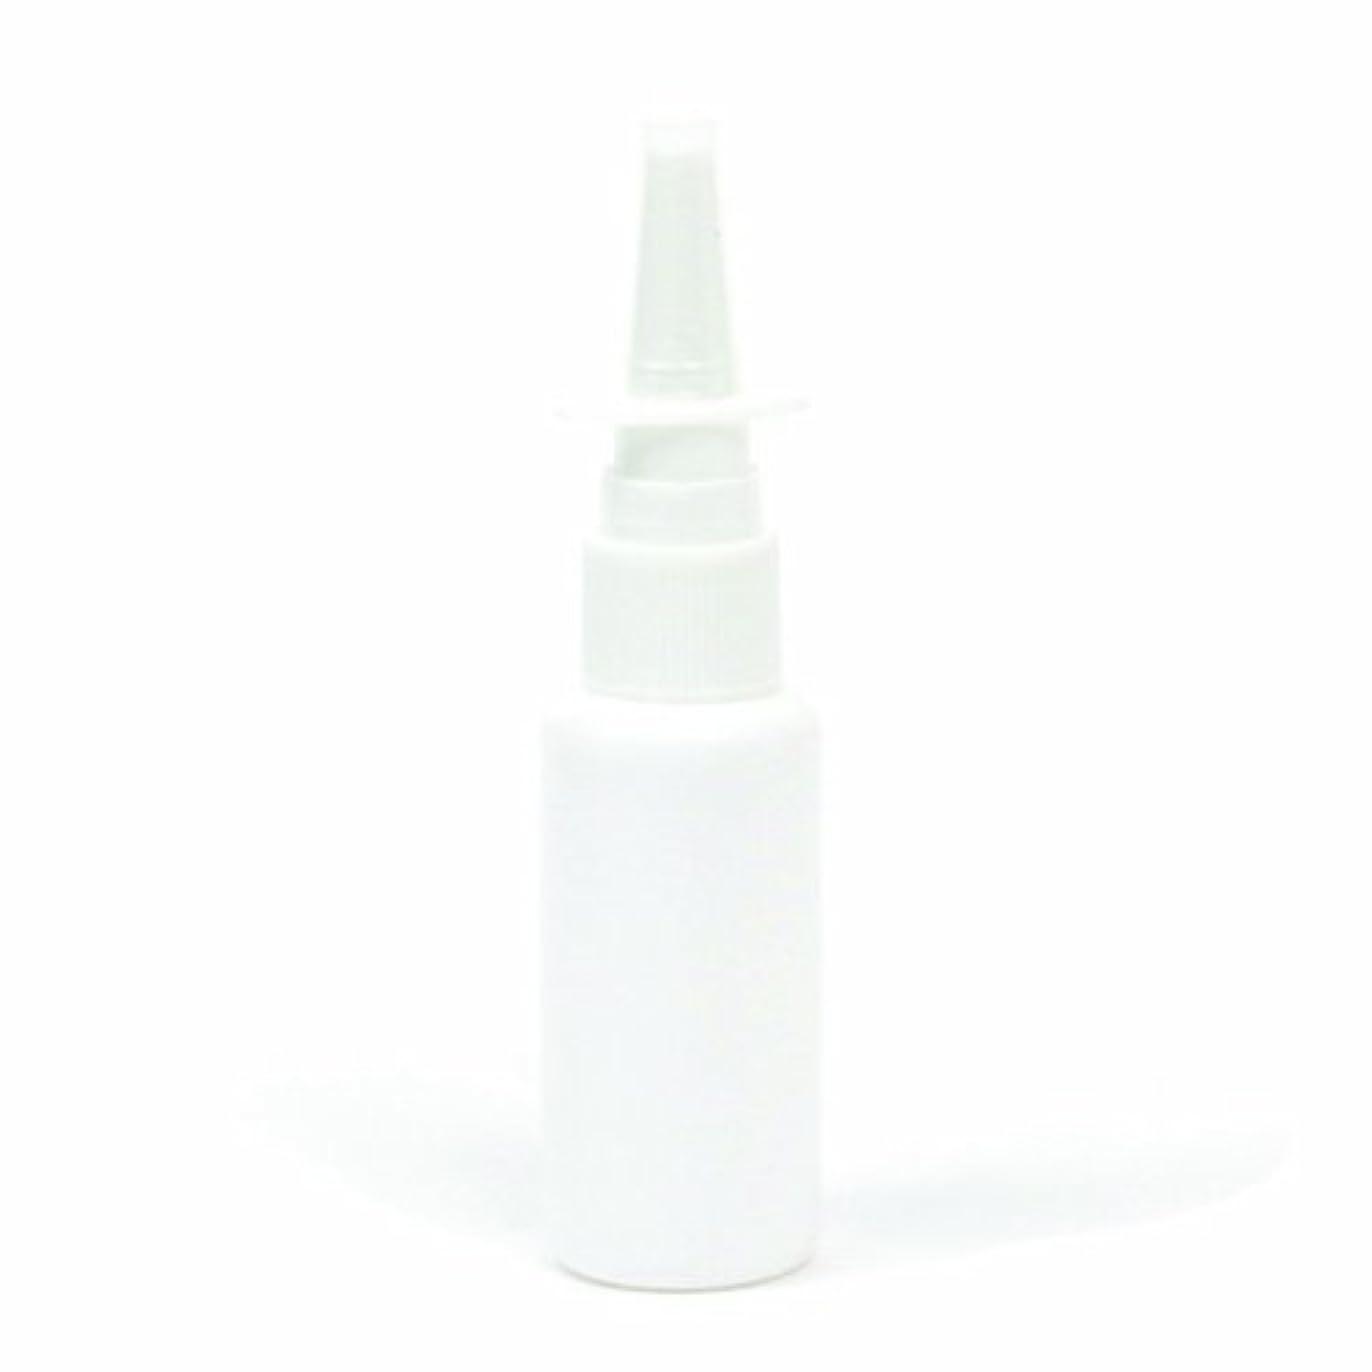 ビット頭まで点鼻スプレーボトル 30mL 空容器 遮光タイプ